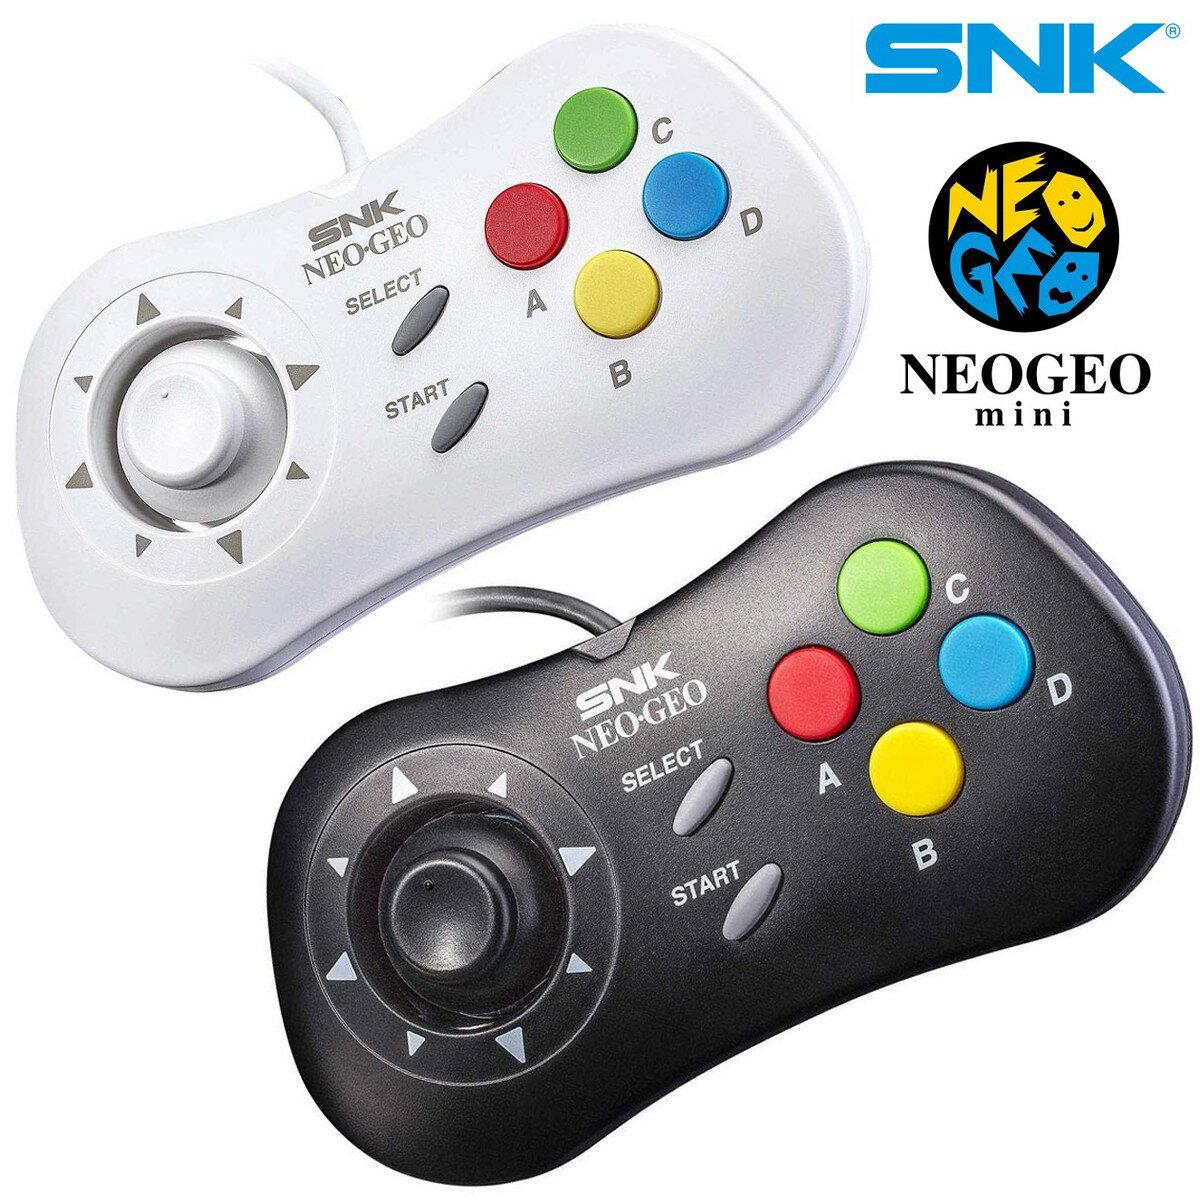 テレビゲーム, その他 NEOGEO mini PAD 1 40 SNK (SG)